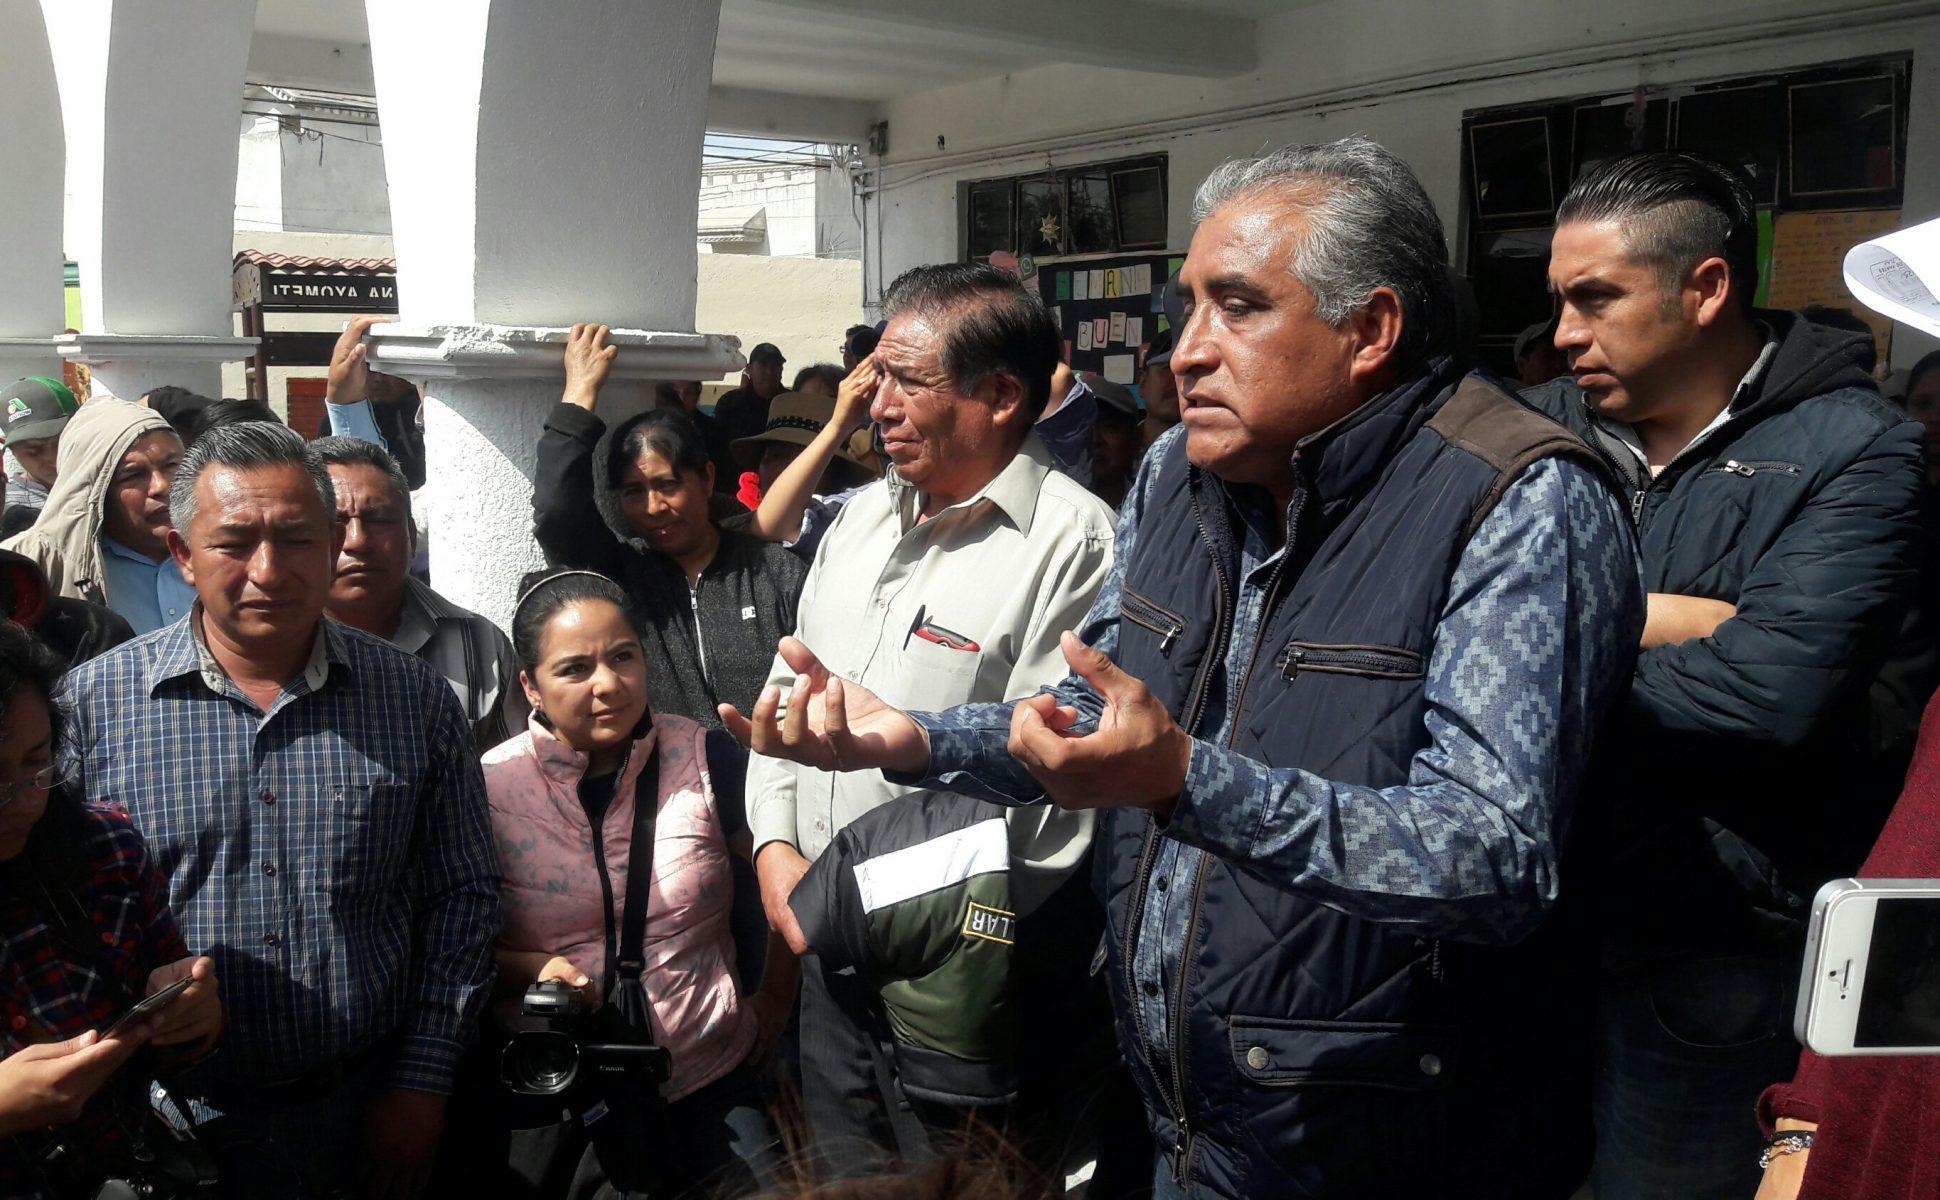 Con pruebas contundentes, en Ayometla podría darse primer revocación de mandato del presidente